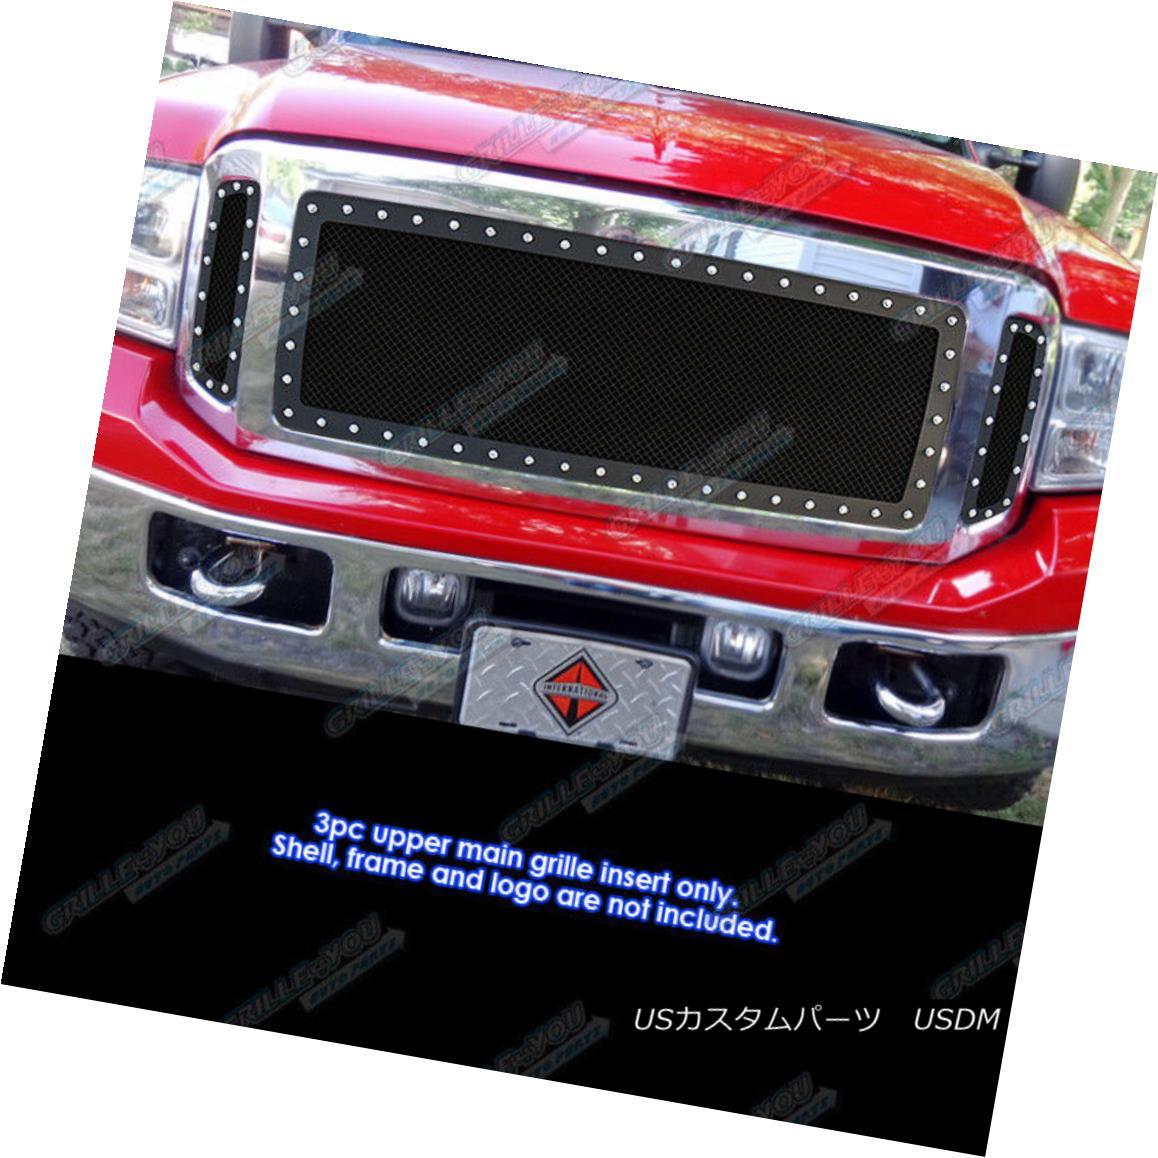 グリル For 2005-2007 Ford Excursion F250/ F350 Stainless Black Rivet Studs Mesh Grille 2005-2007 Ford Excursion F250 / F350用ステンレスブラックリベットスタッドメッシュグリル